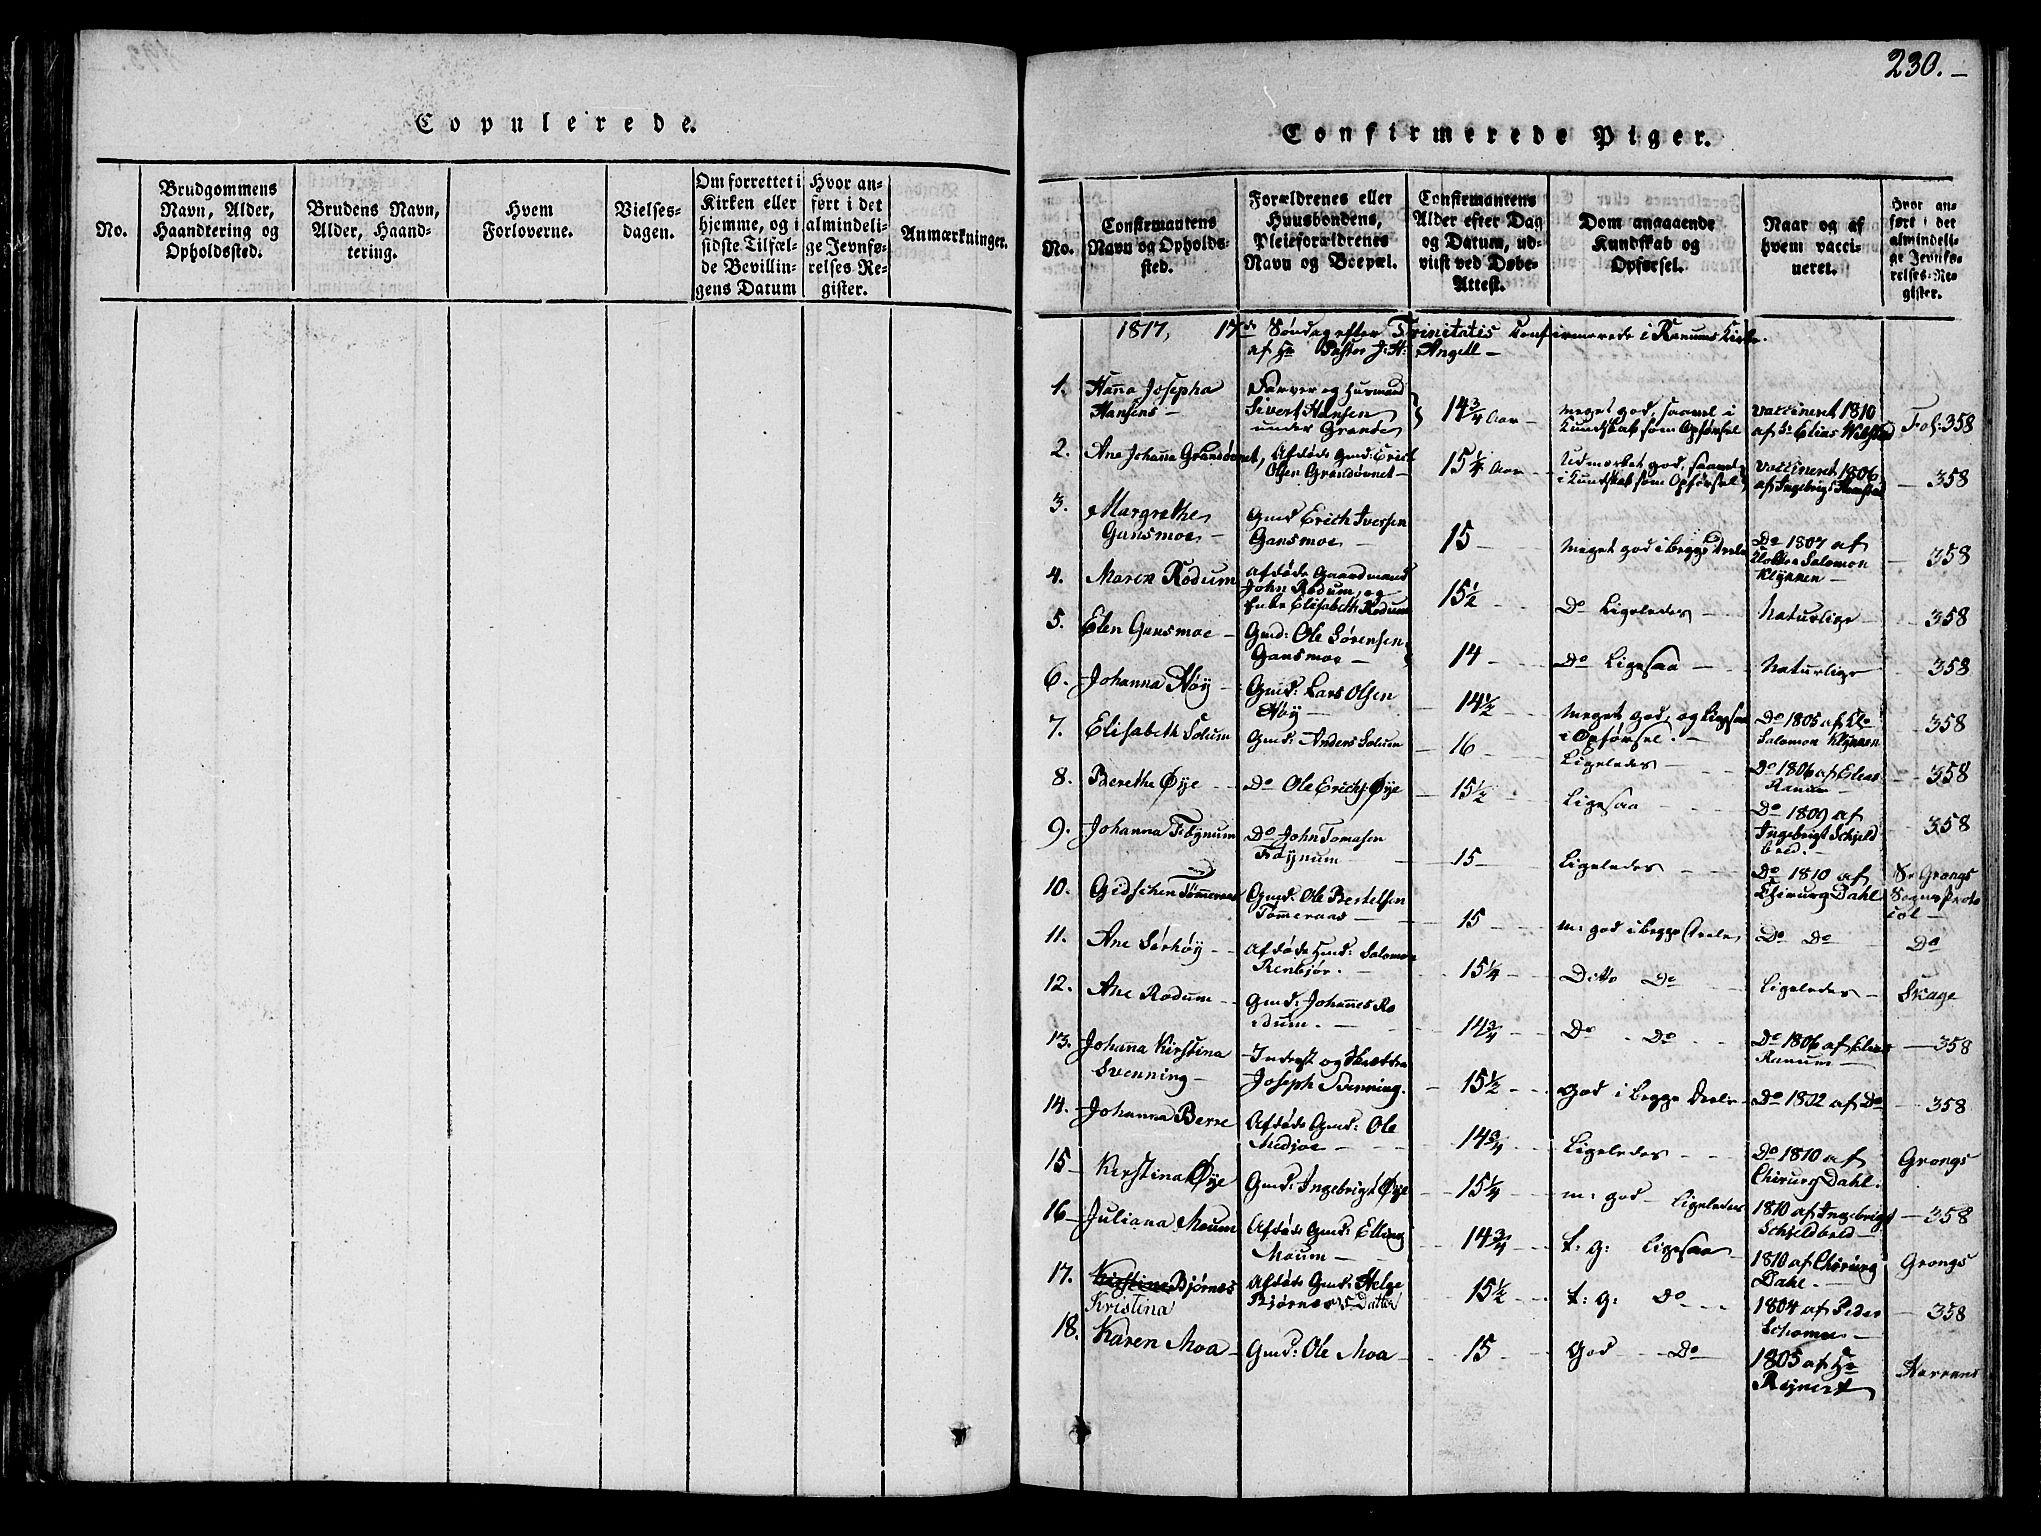 SAT, Ministerialprotokoller, klokkerbøker og fødselsregistre - Nord-Trøndelag, 764/L0559: Klokkerbok nr. 764C01, 1816-1824, s. 230